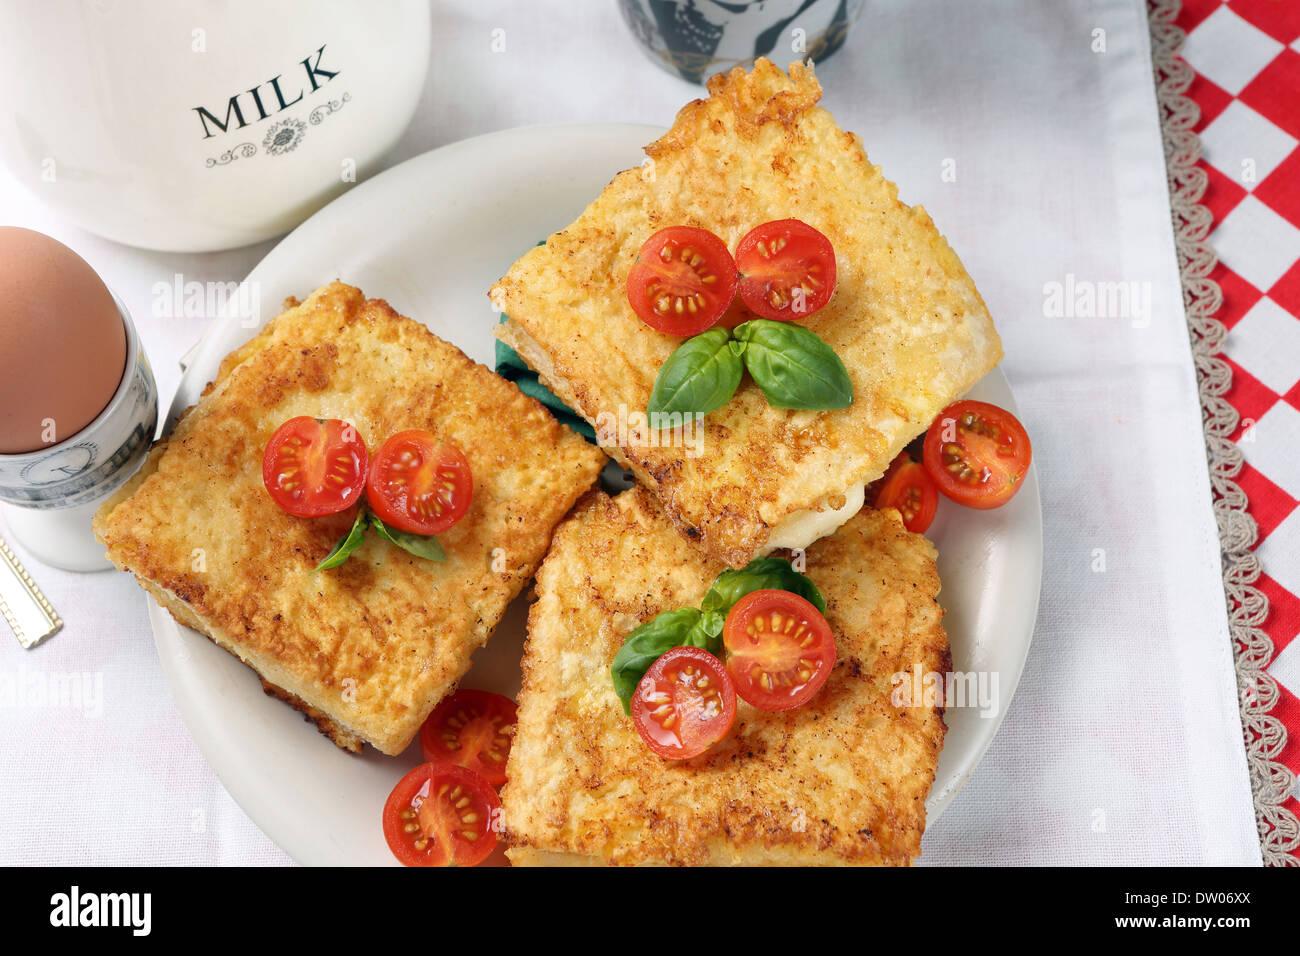 Toast mit Käse und Tomaten, serviert mit Spiegelei und eine Tasse Milch Stockbild